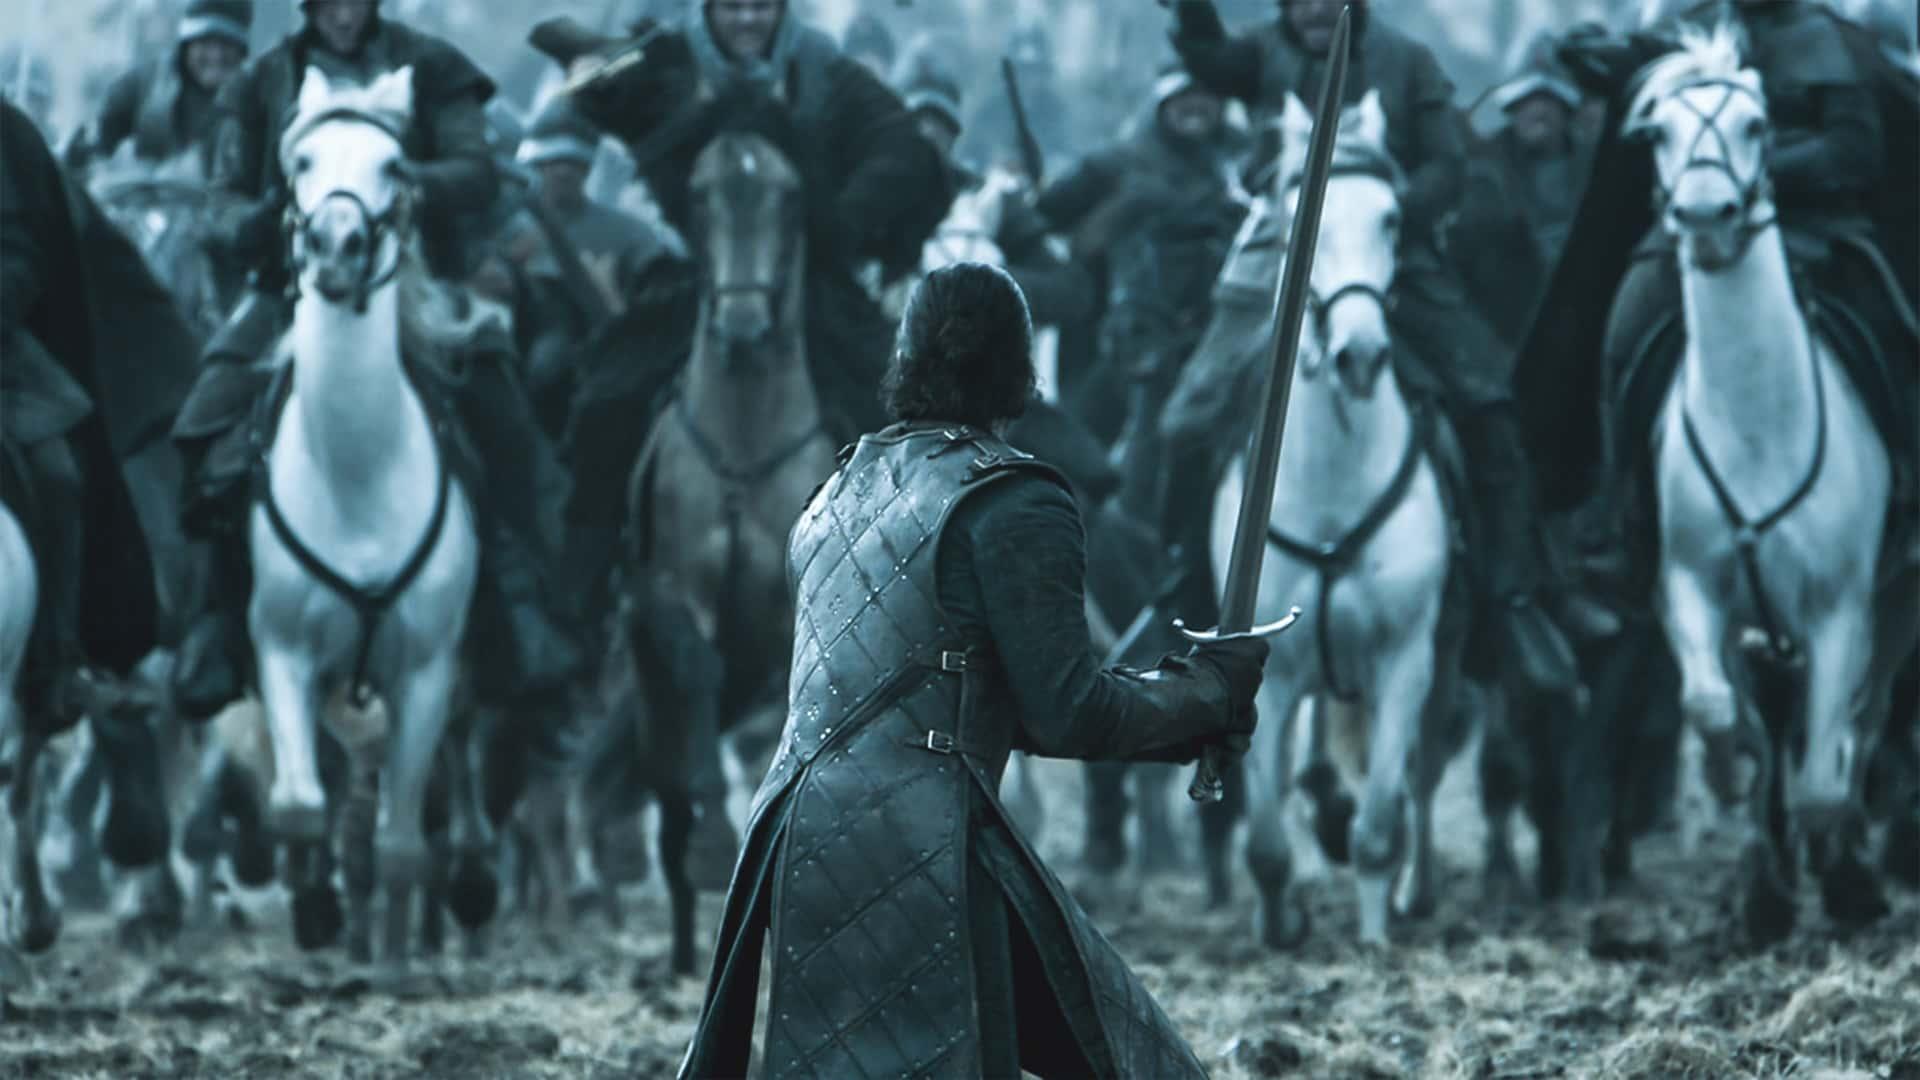 Una produzione faraonica come Game of Thrones è troppo per il mercato italiano